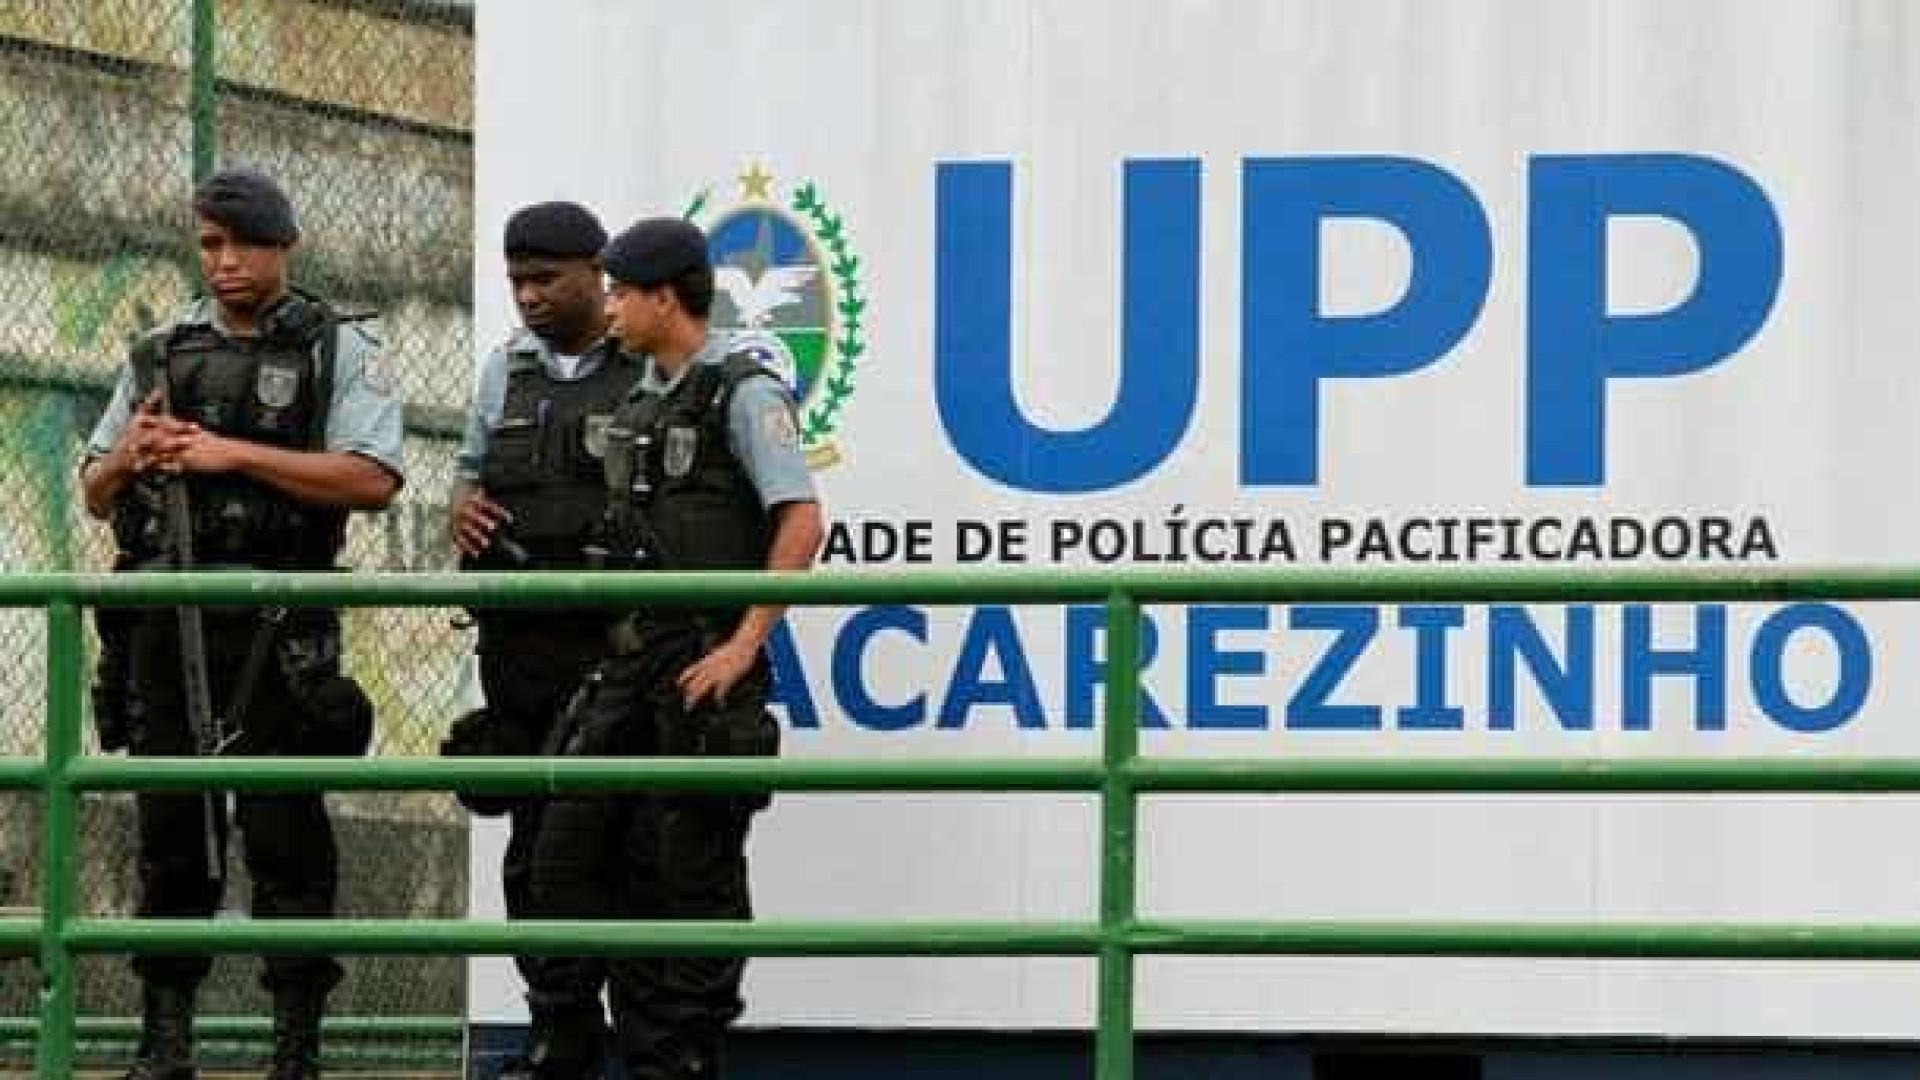 Tiroteio em favela interrompe circulação de trens em ramal do Rio